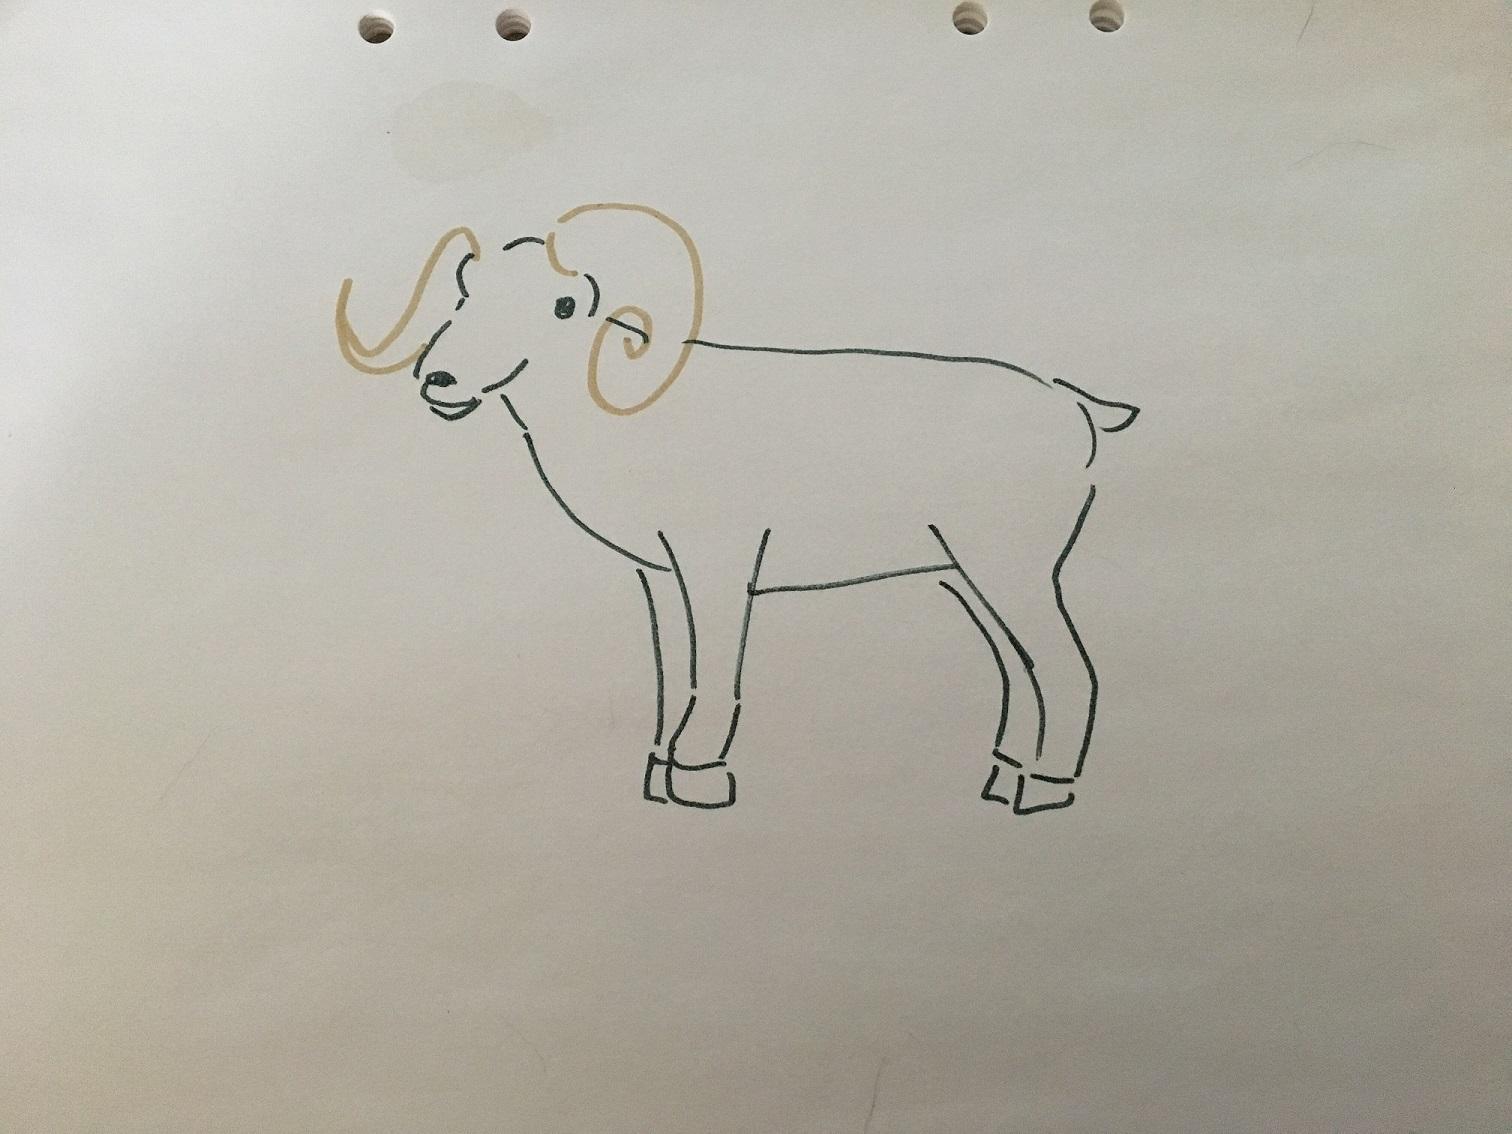 Actualización de estado 13/04/2017 Sheep